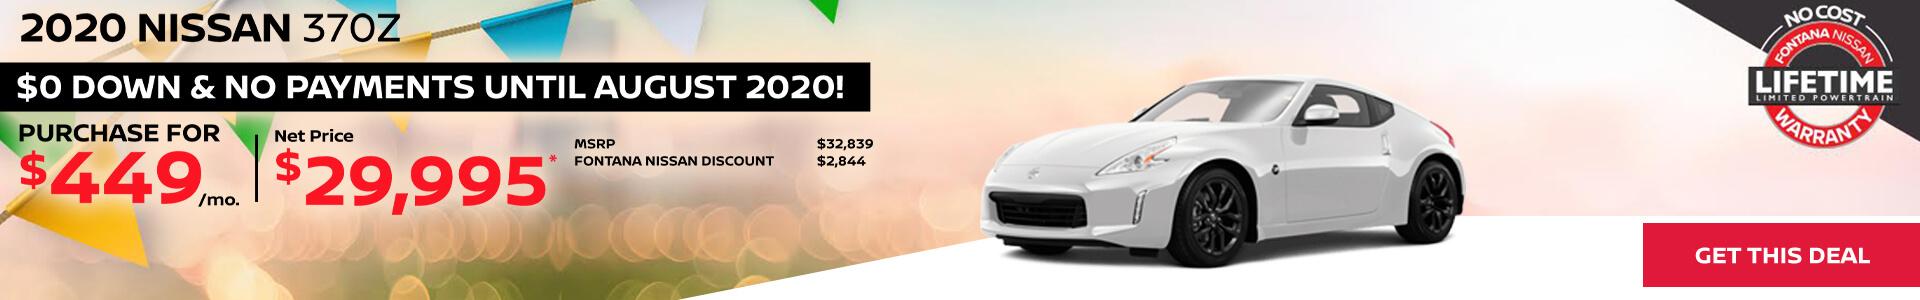 Nissan 370Z $449